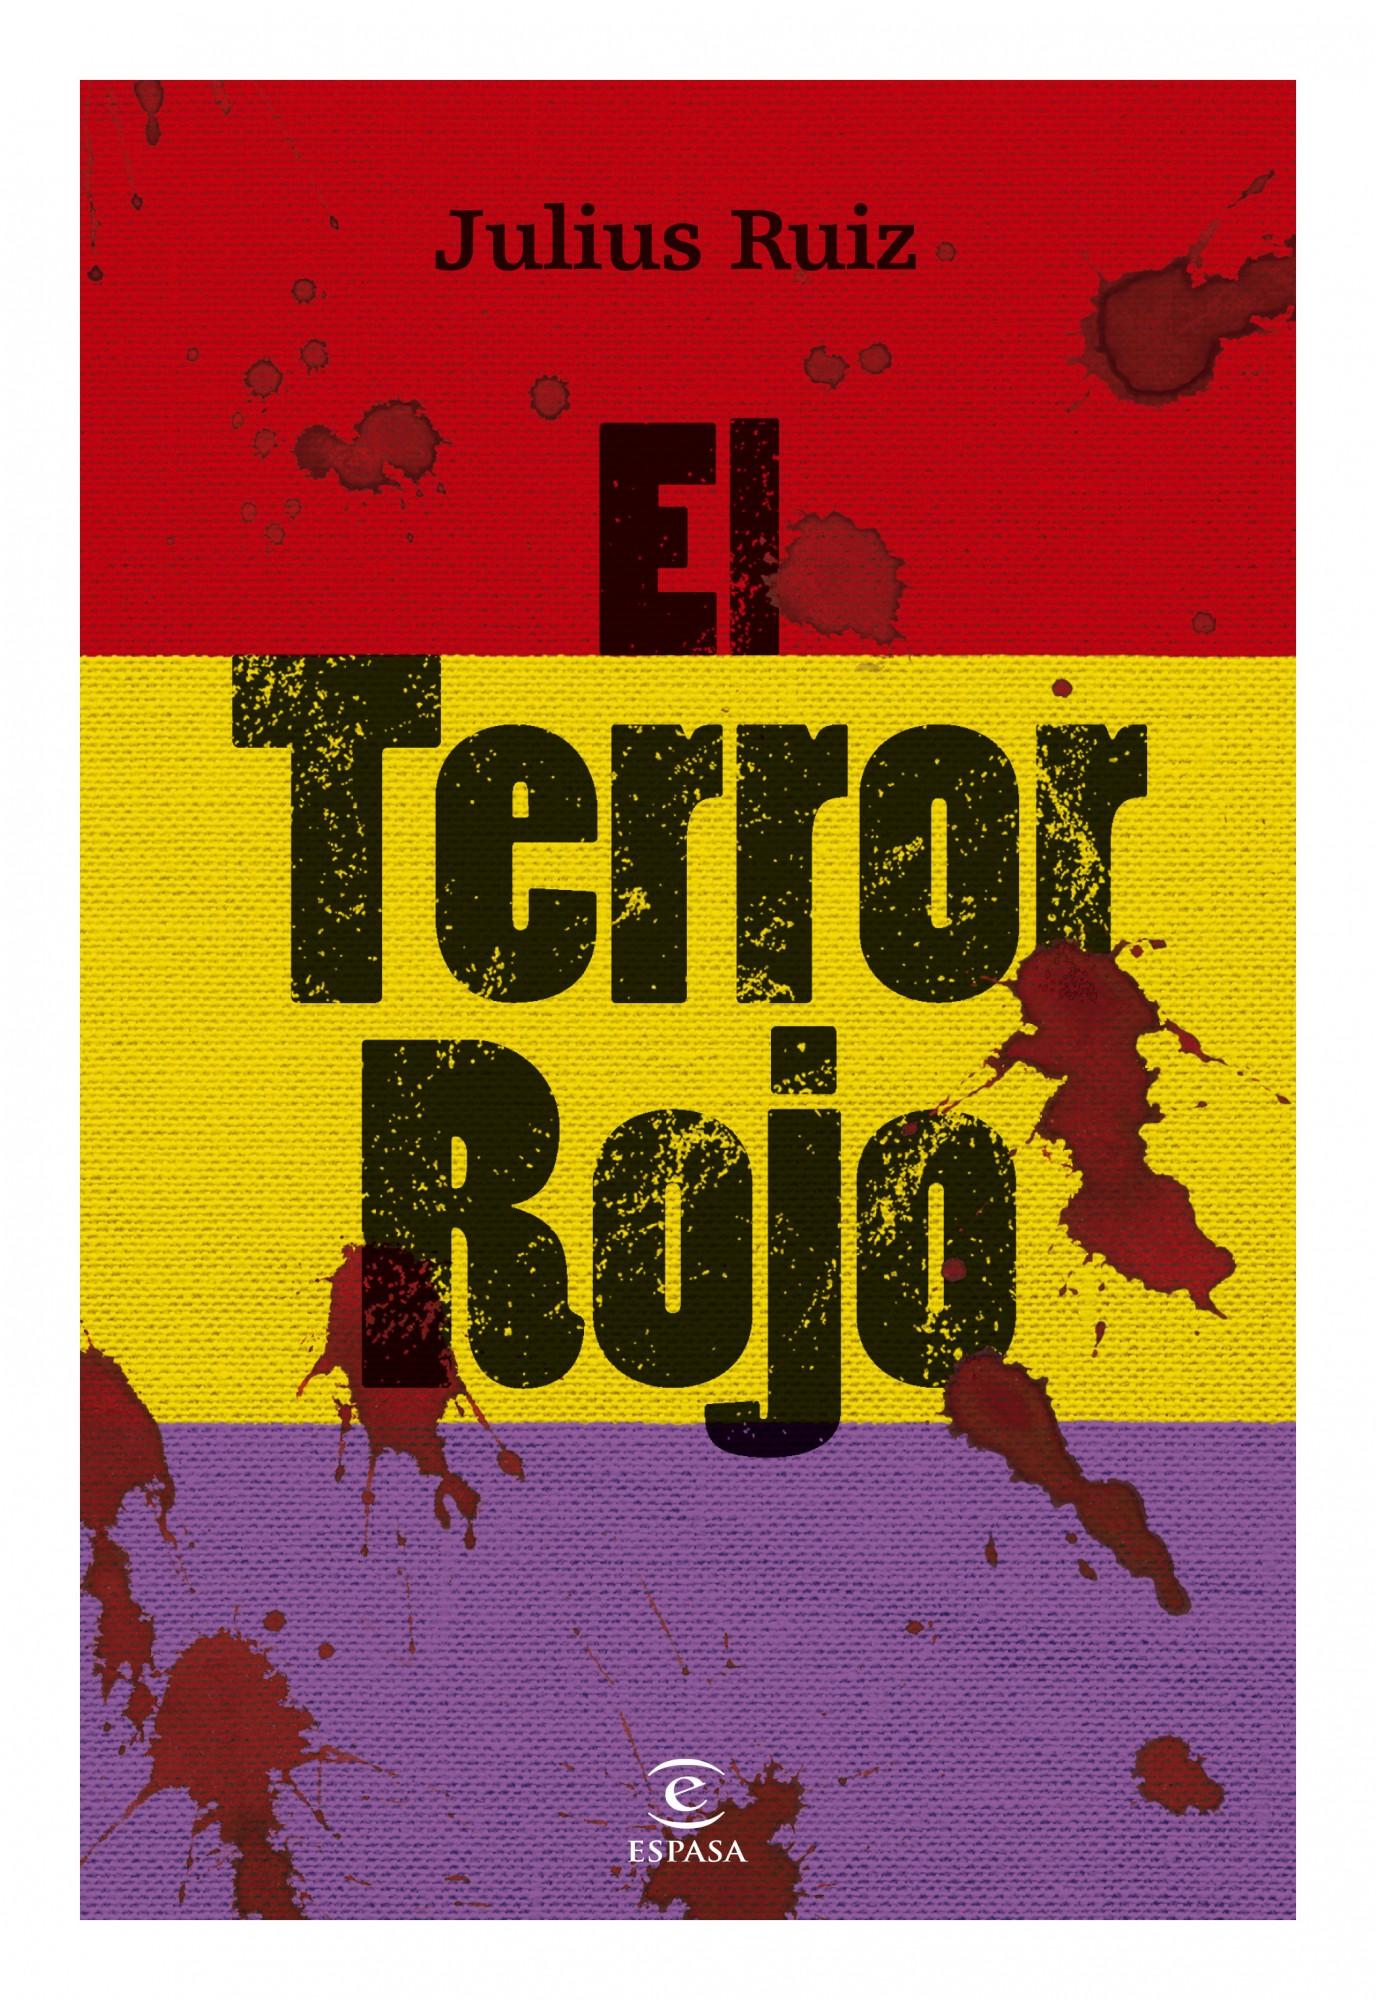 libro-el-terror-rojo-julius-ruiz